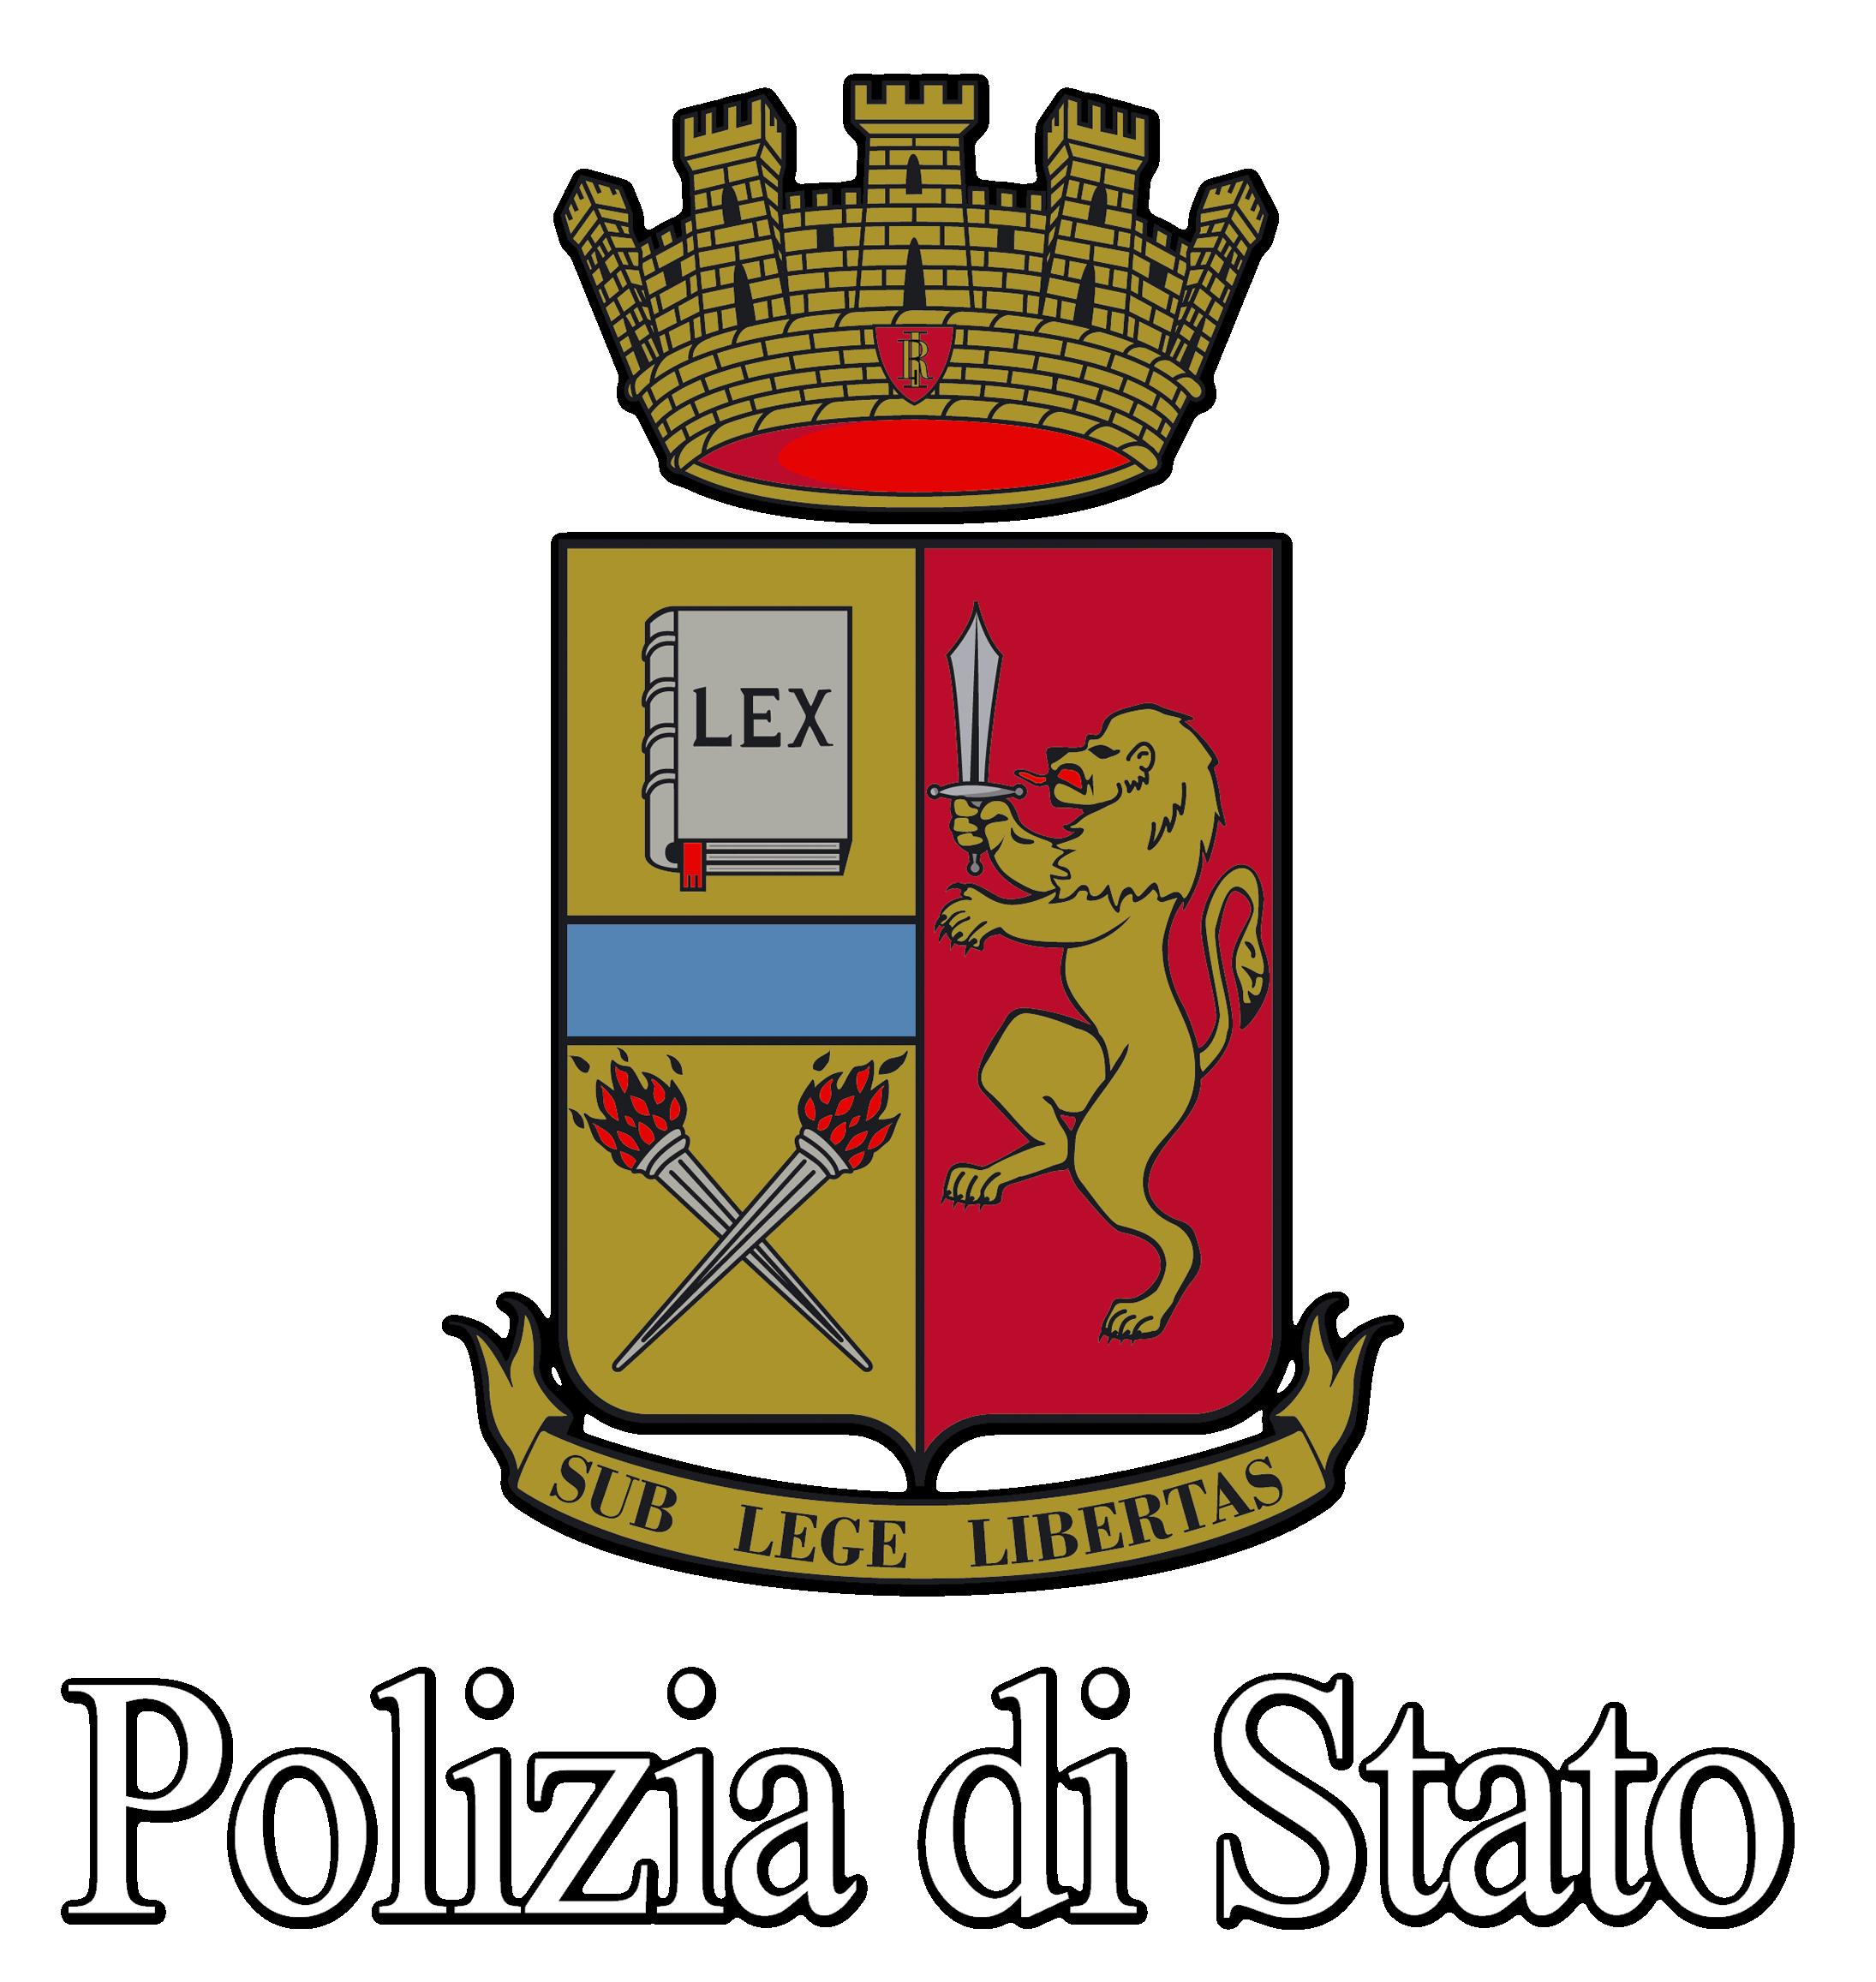 Polizia di stato questure sul web novara for Polizia di stato carta di soggiorno